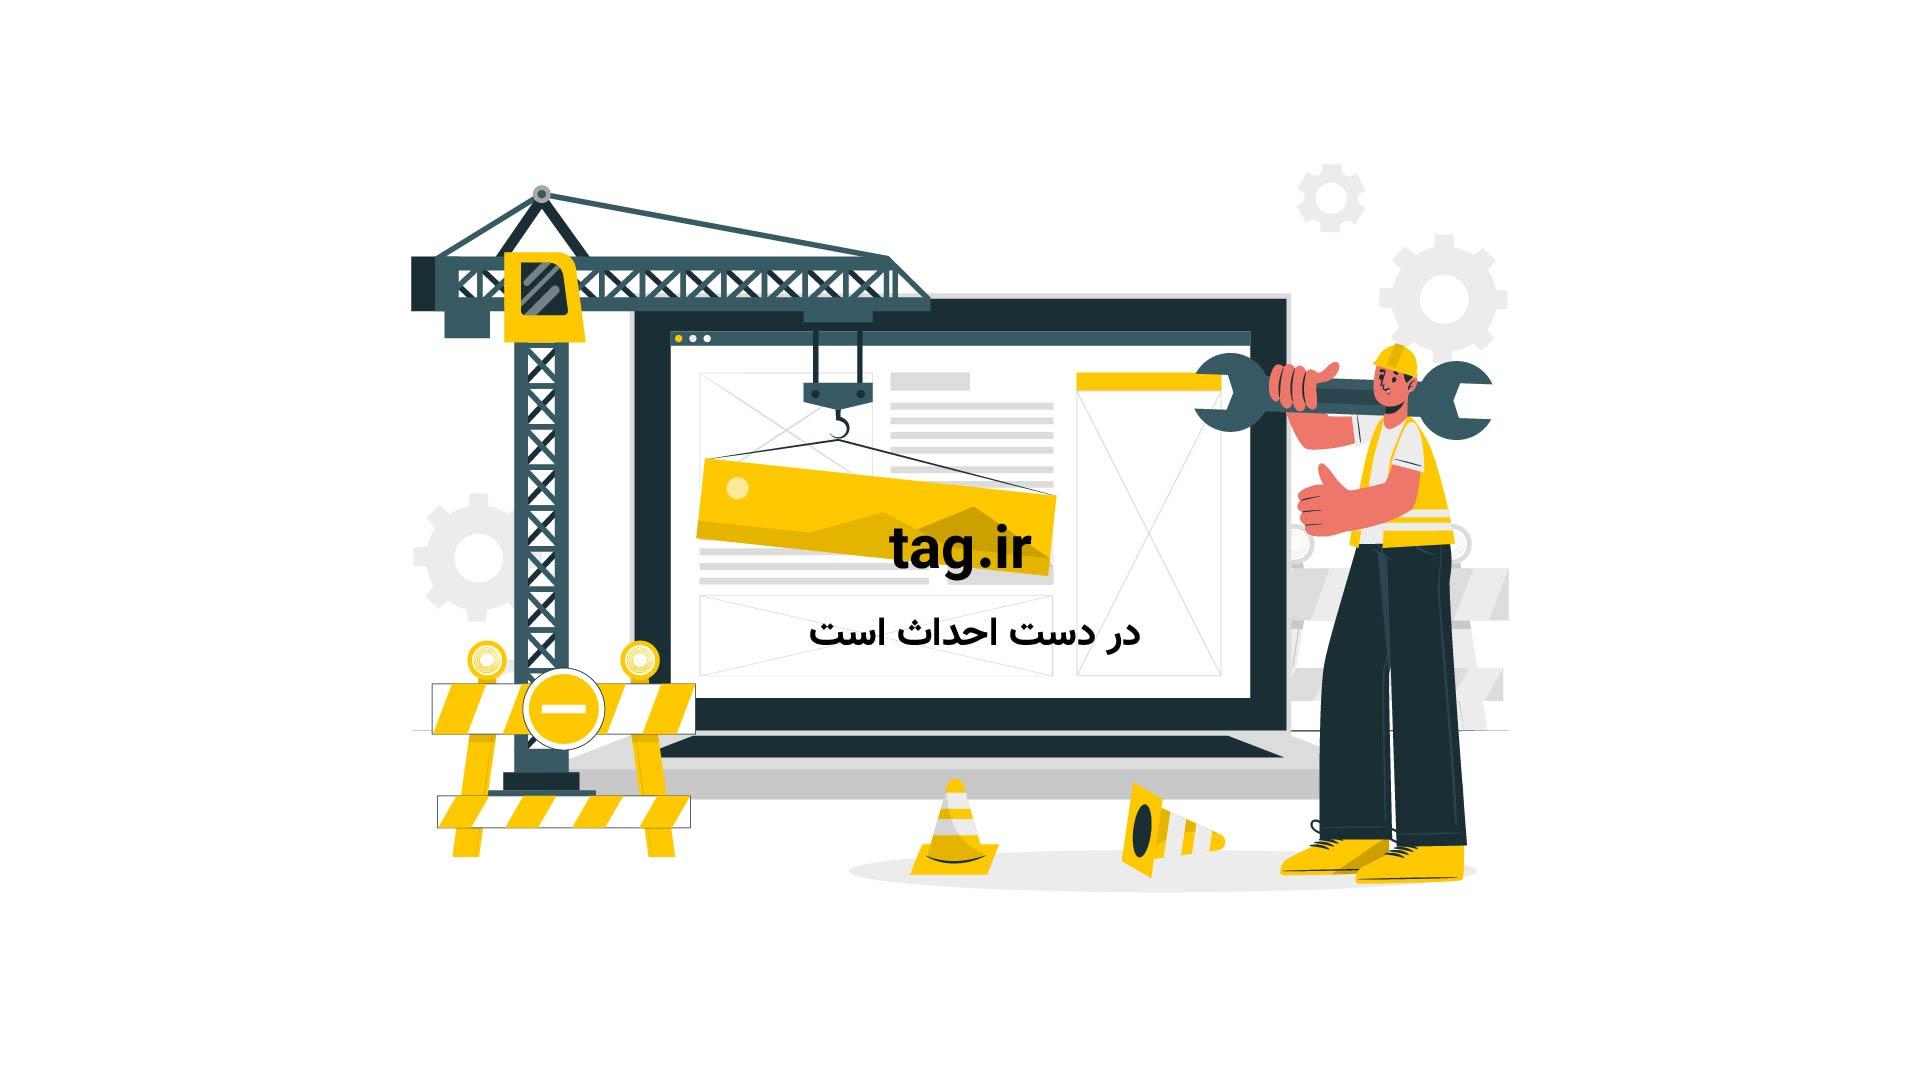 دیالوگ برتر فیلم سن پطرزبورگ|تگ